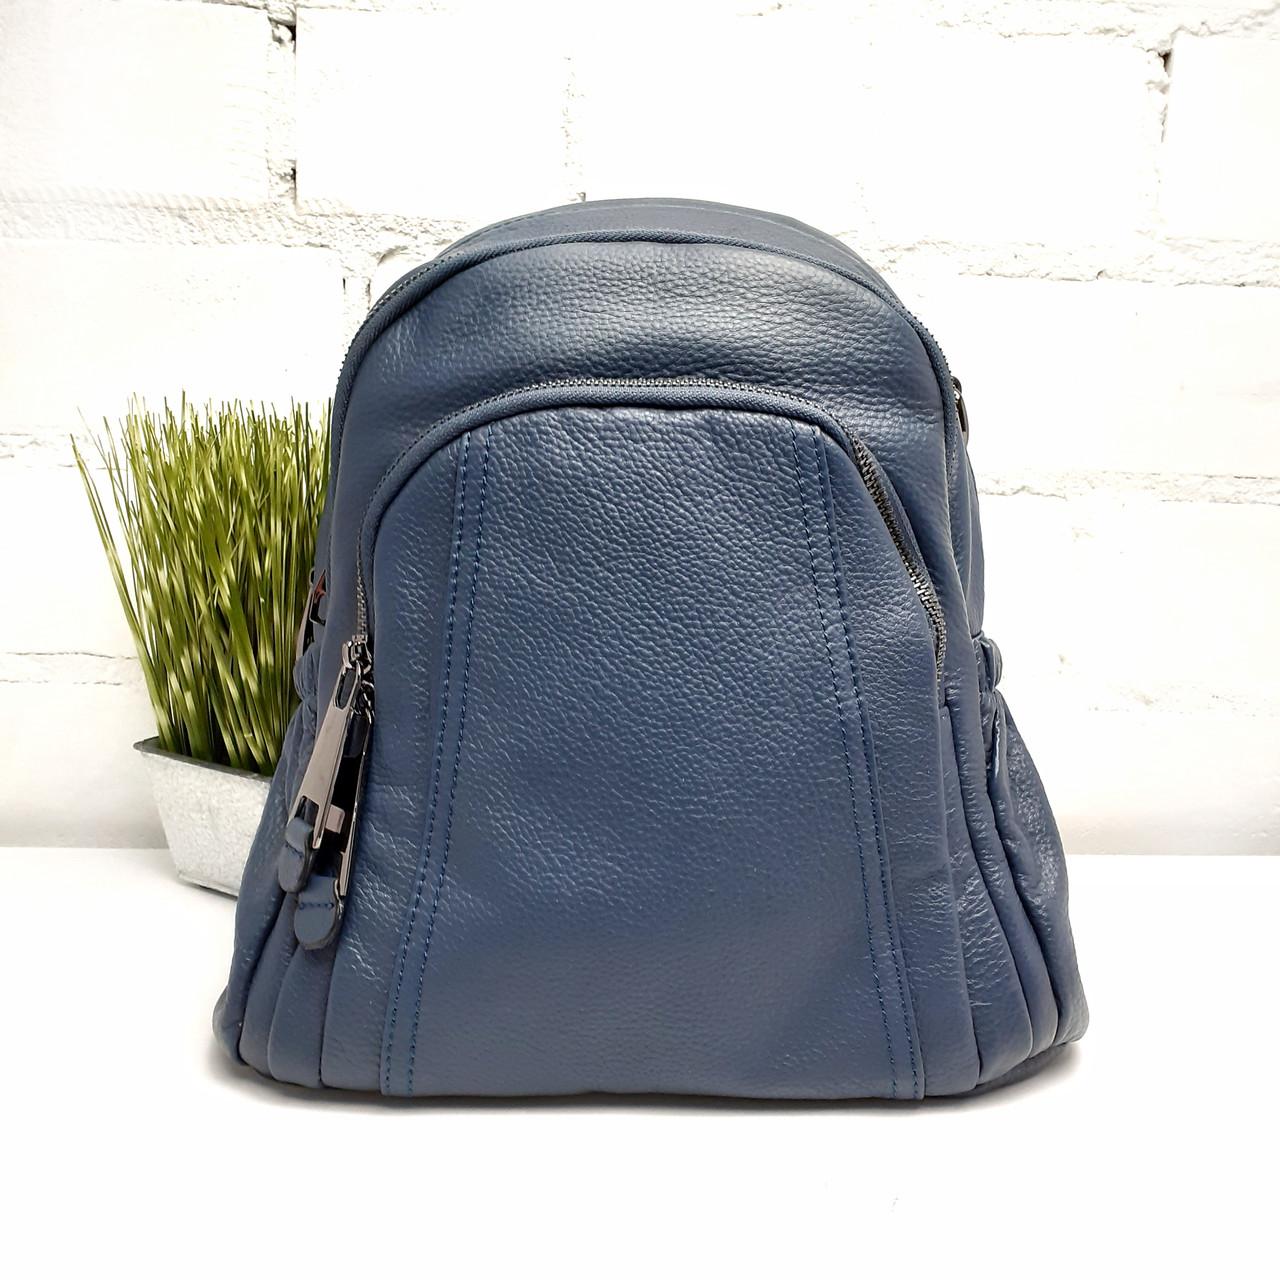 Синий рюкзак натуральная кожа Арт.990011 blue V.T.R. Італія